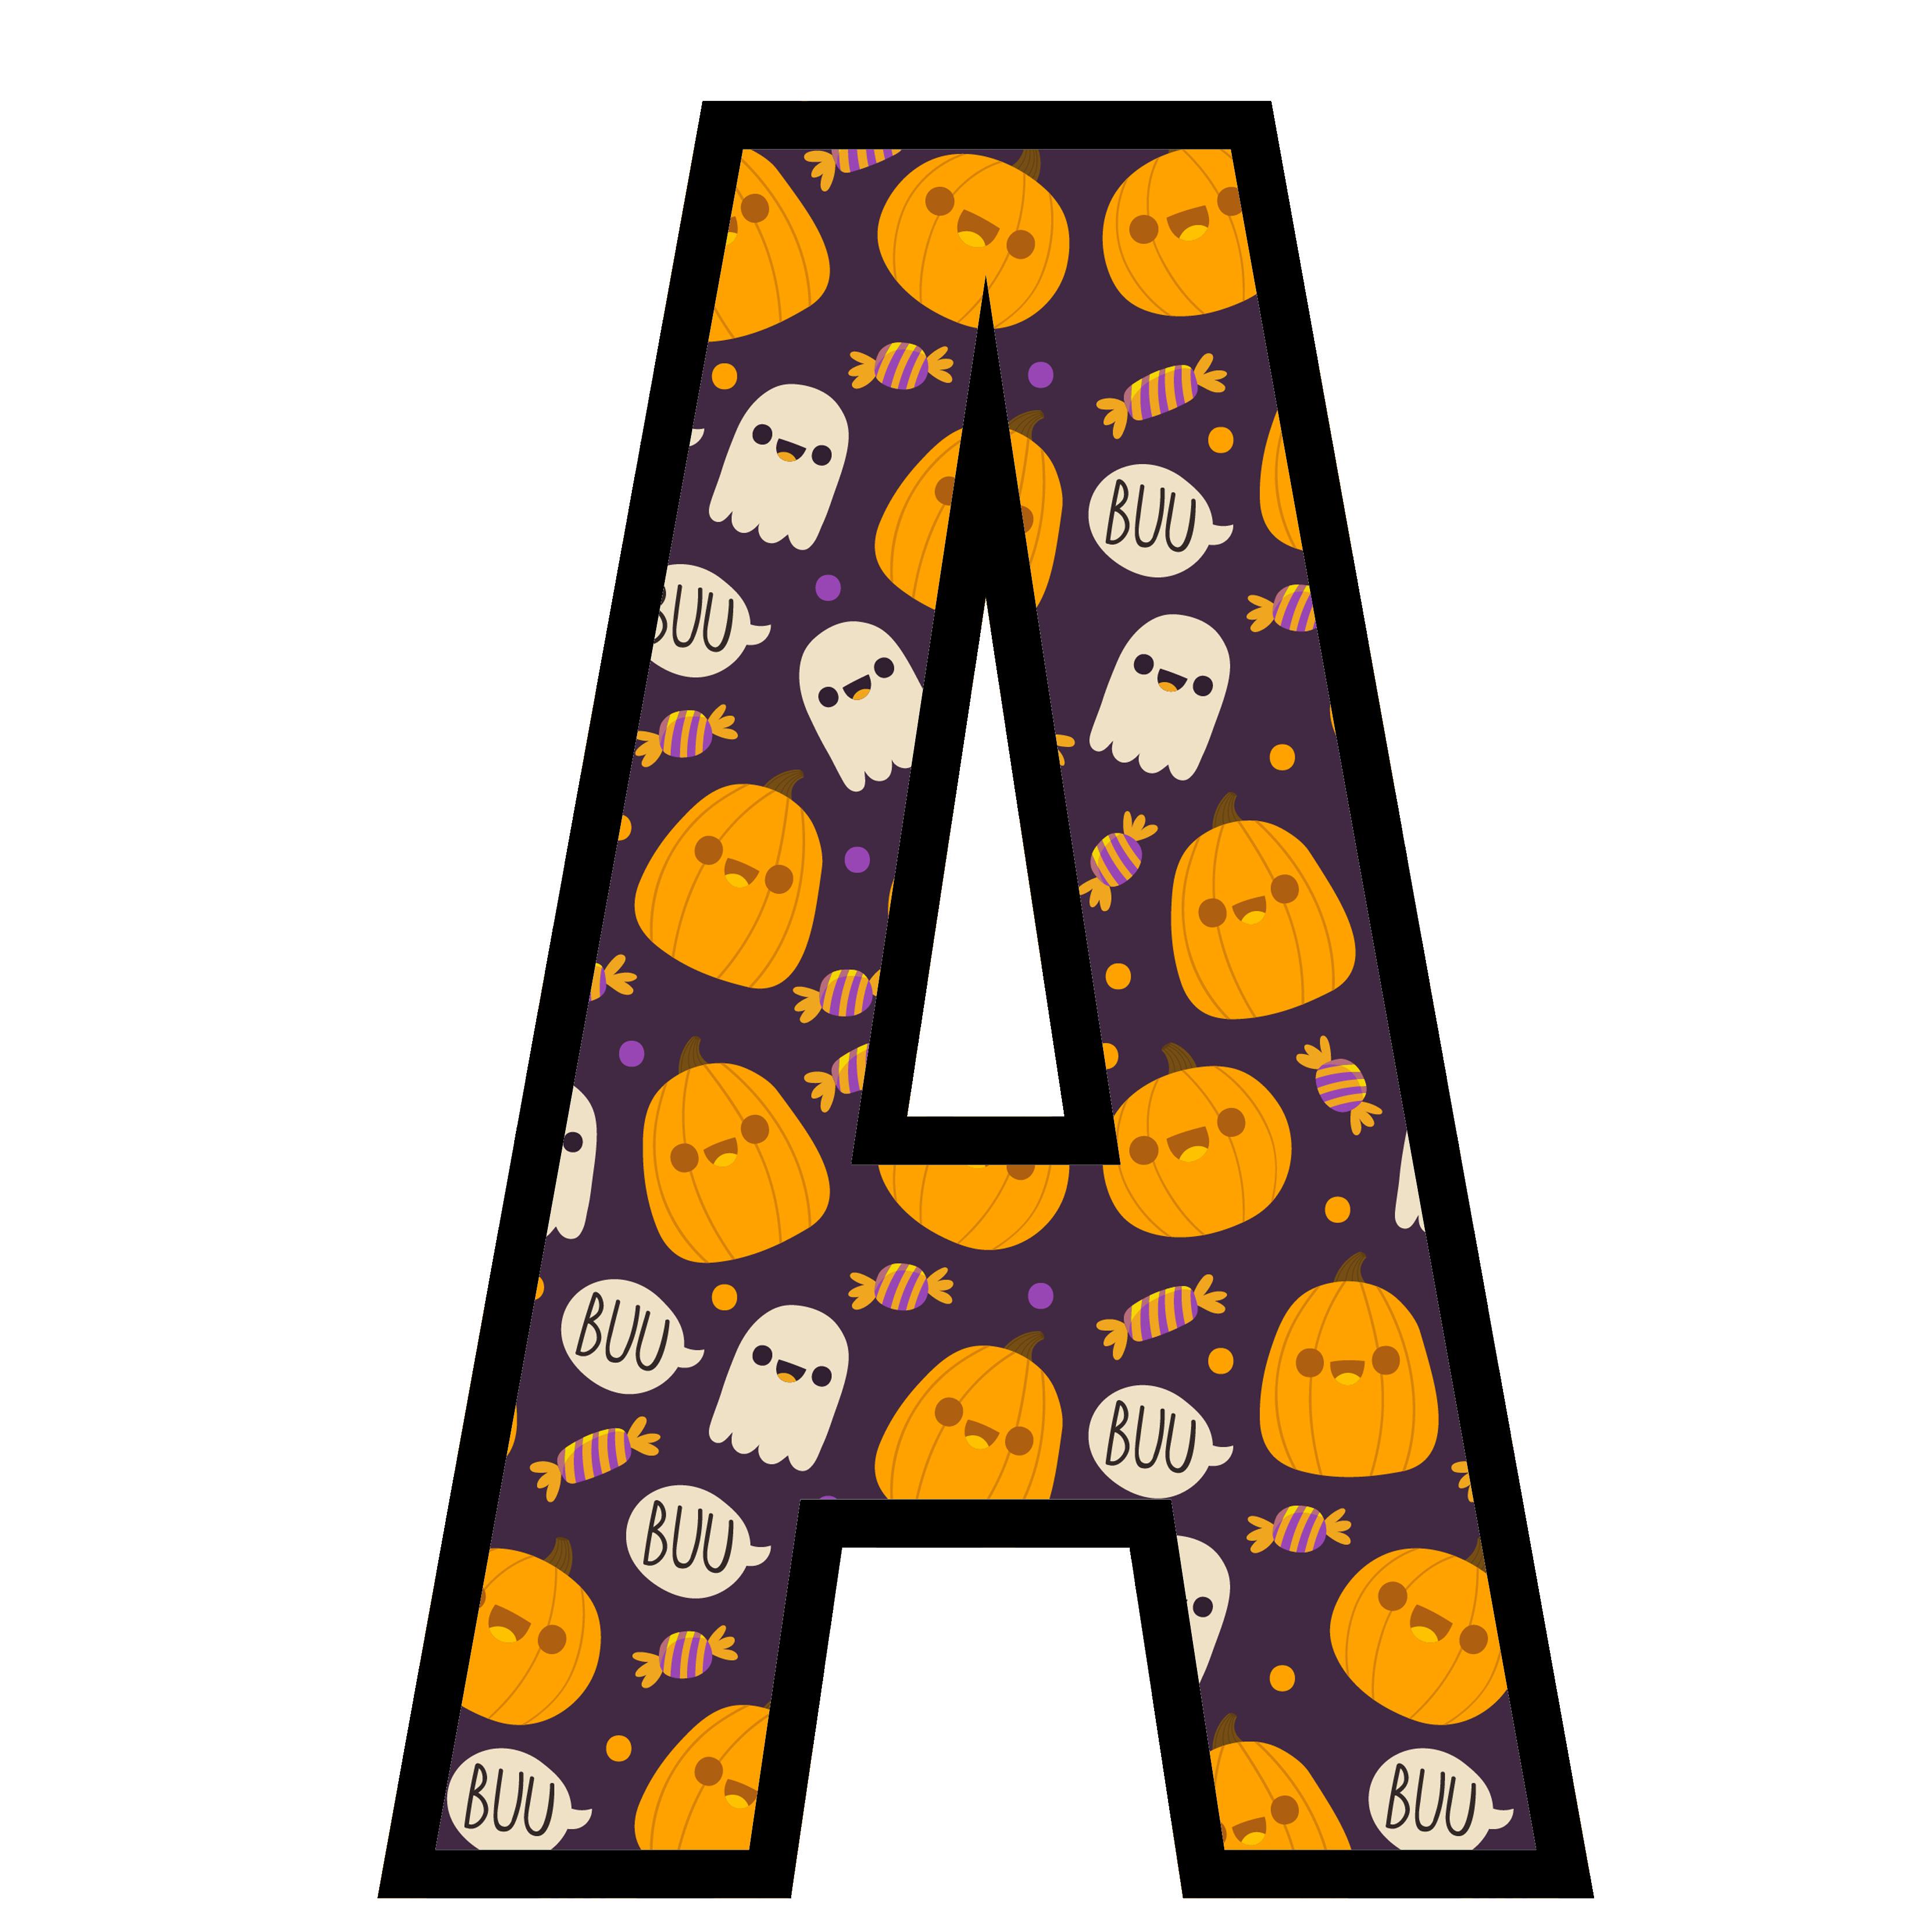 alfabeto personalizado fantasma halloween 1